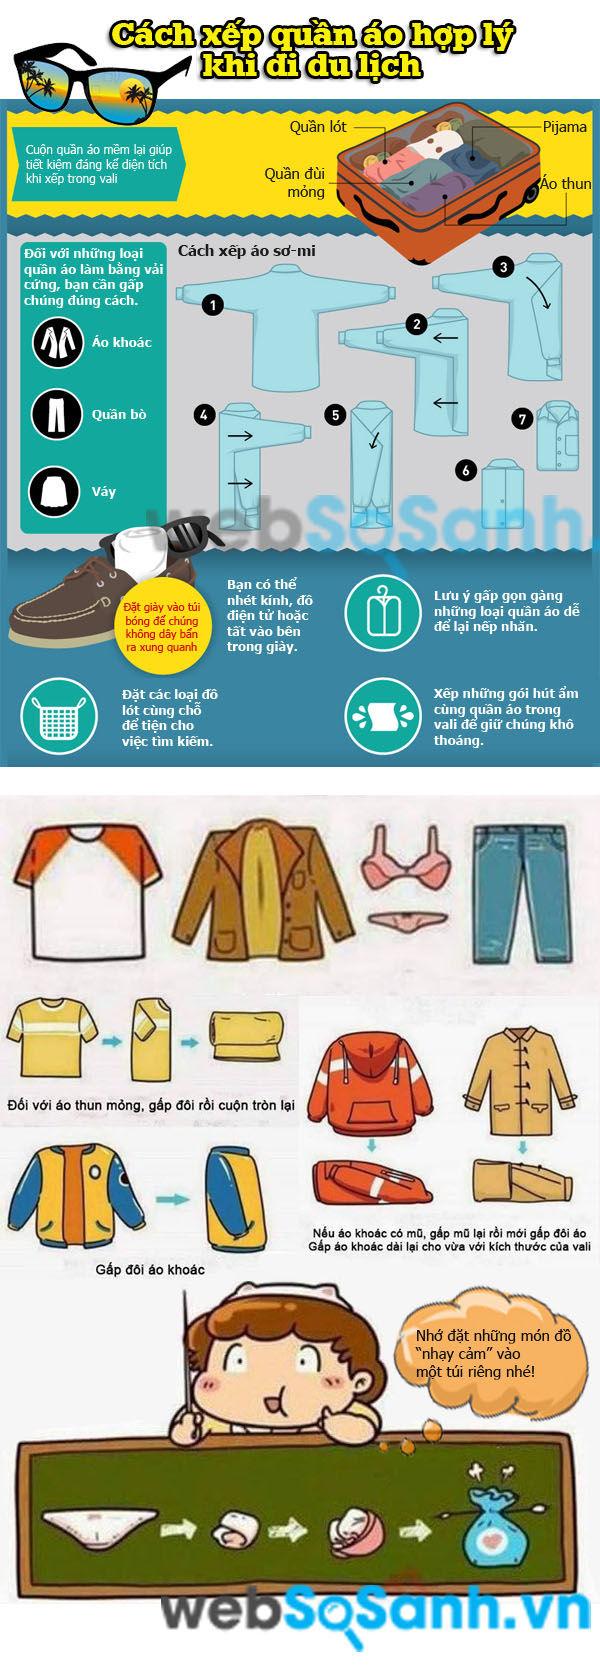 Mẹo sắp xếp hành lý khi đi du lịch